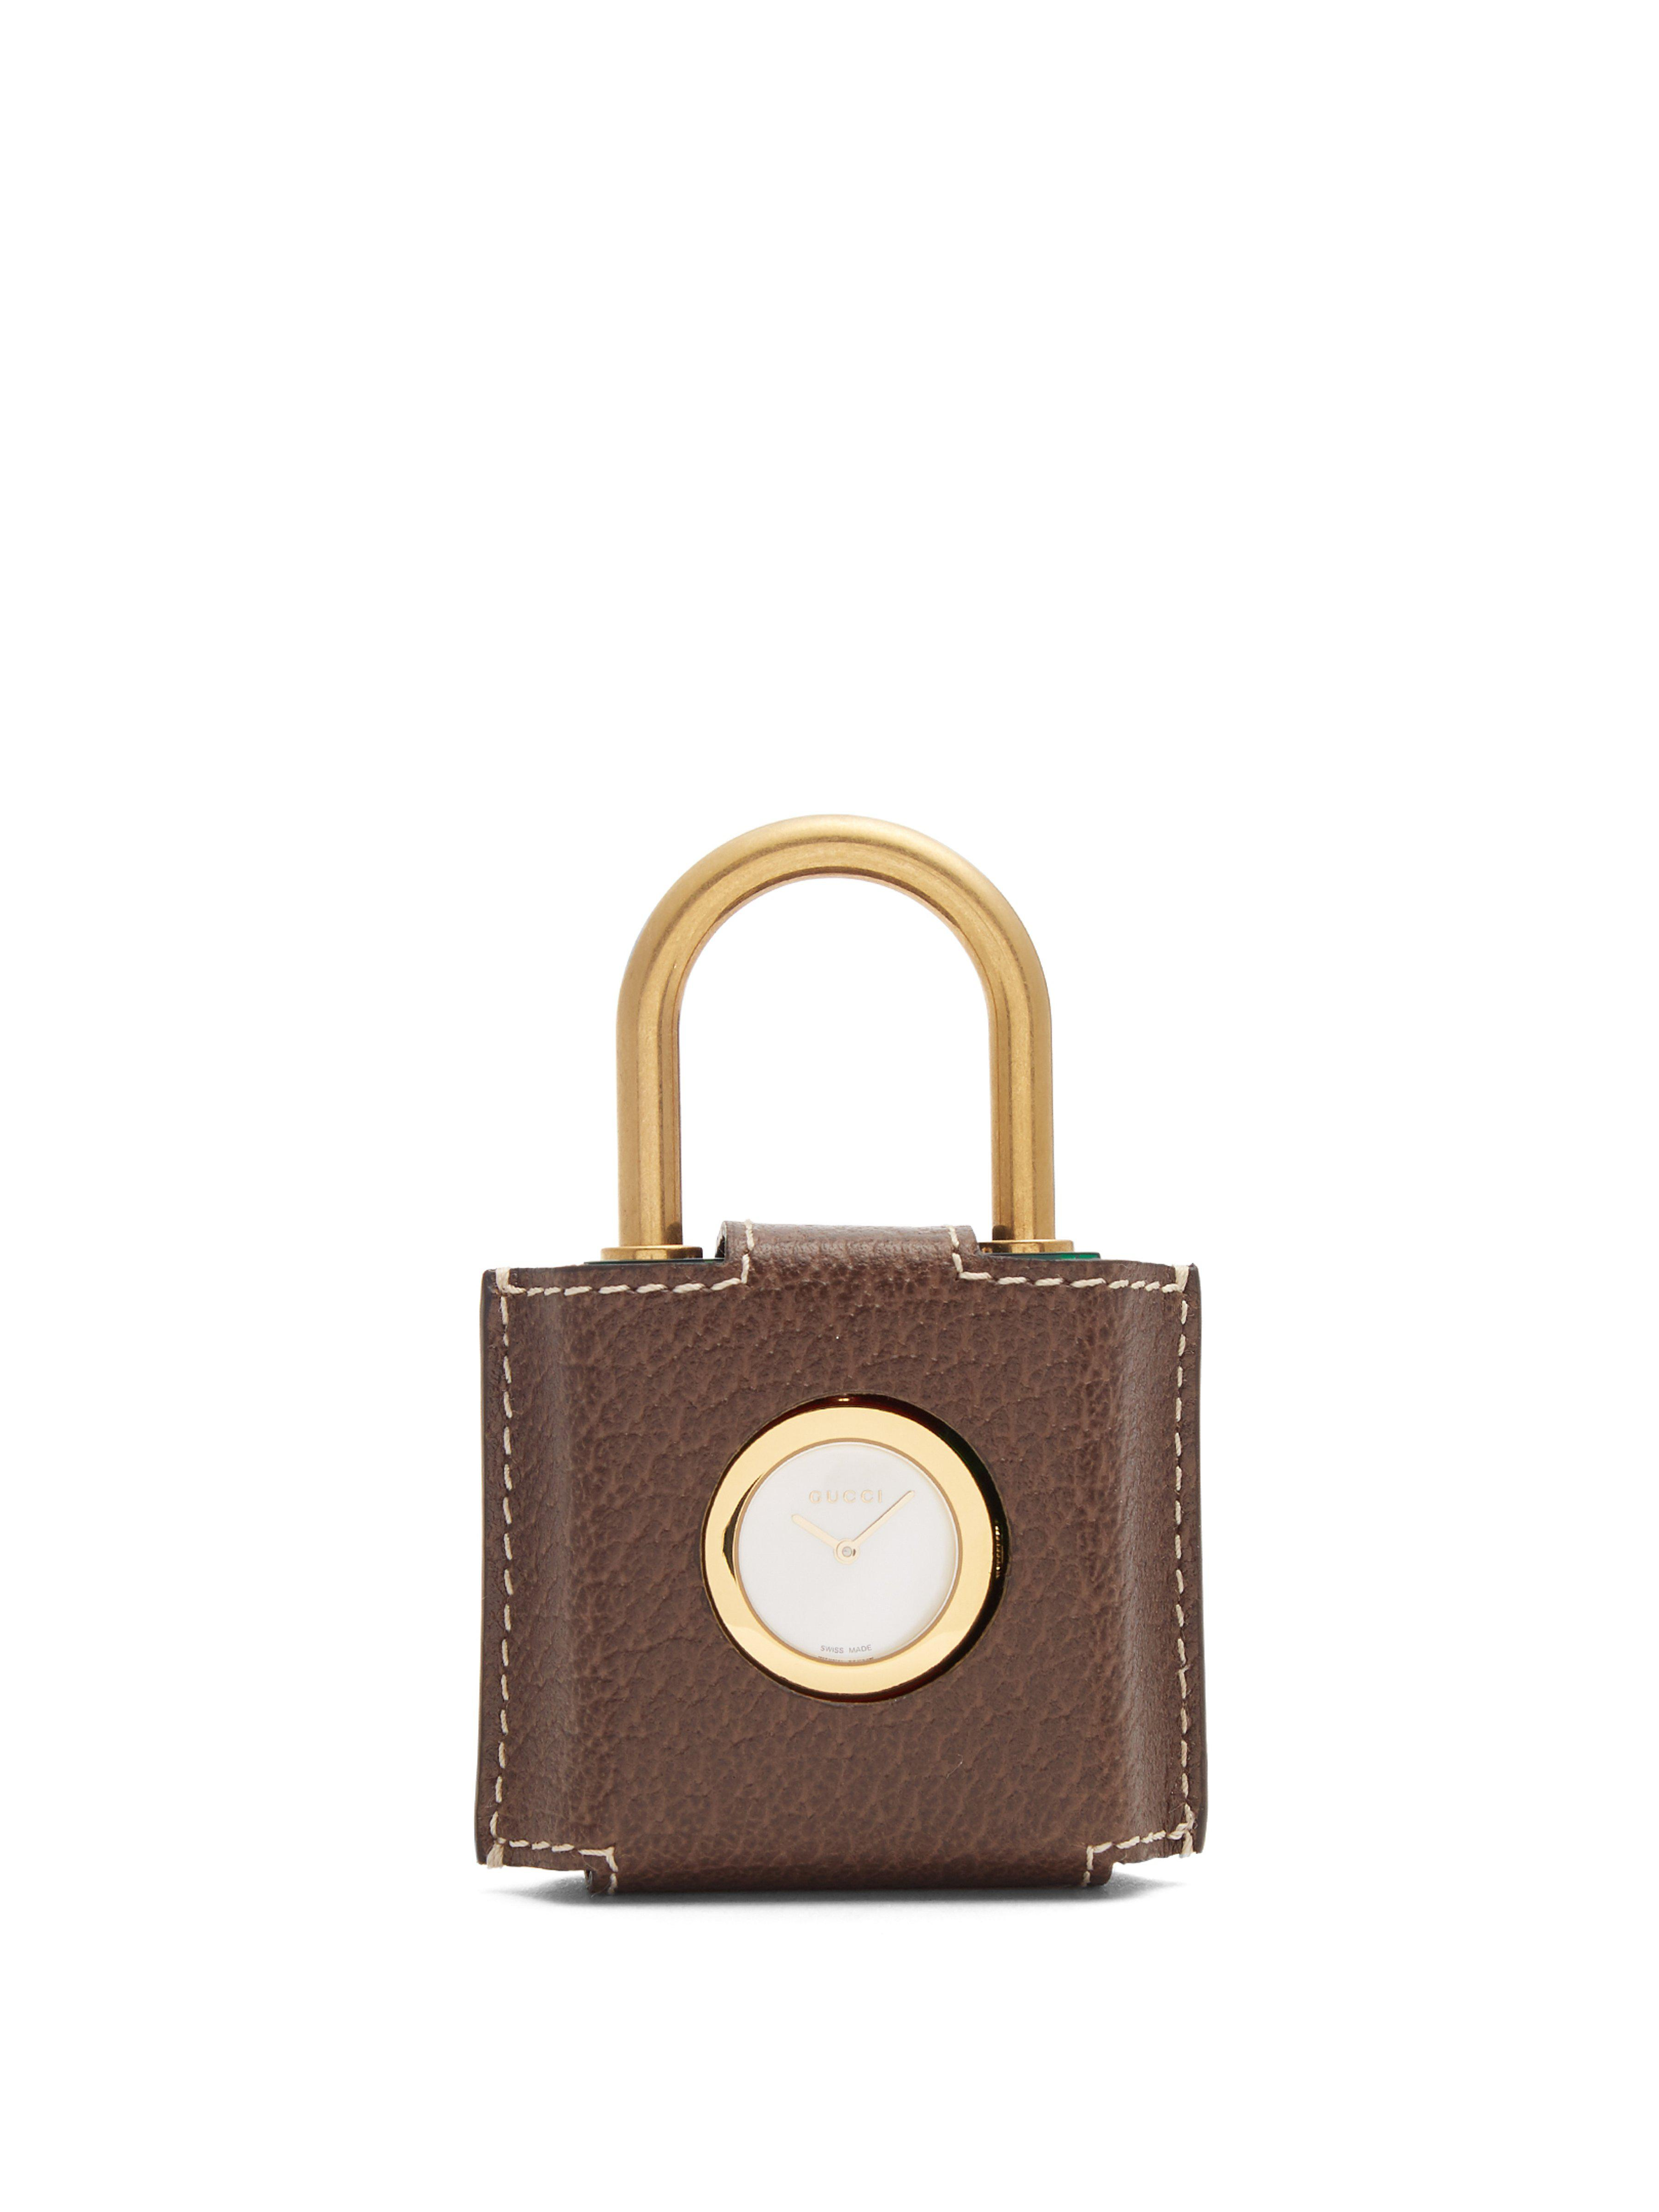 Gucci Constance Web Striped Plexiglas Padlock Watch in Green - Lyst 28879b538442f